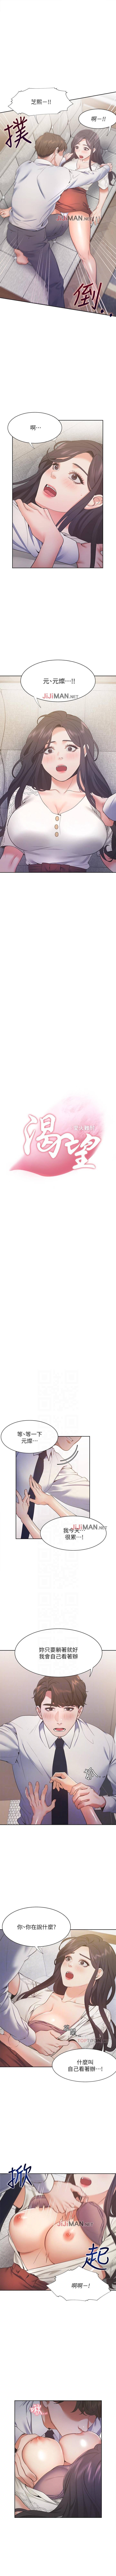 【周五连载】渴望:爱火难耐(作者:Appeal&格子17) 第1~24话 188